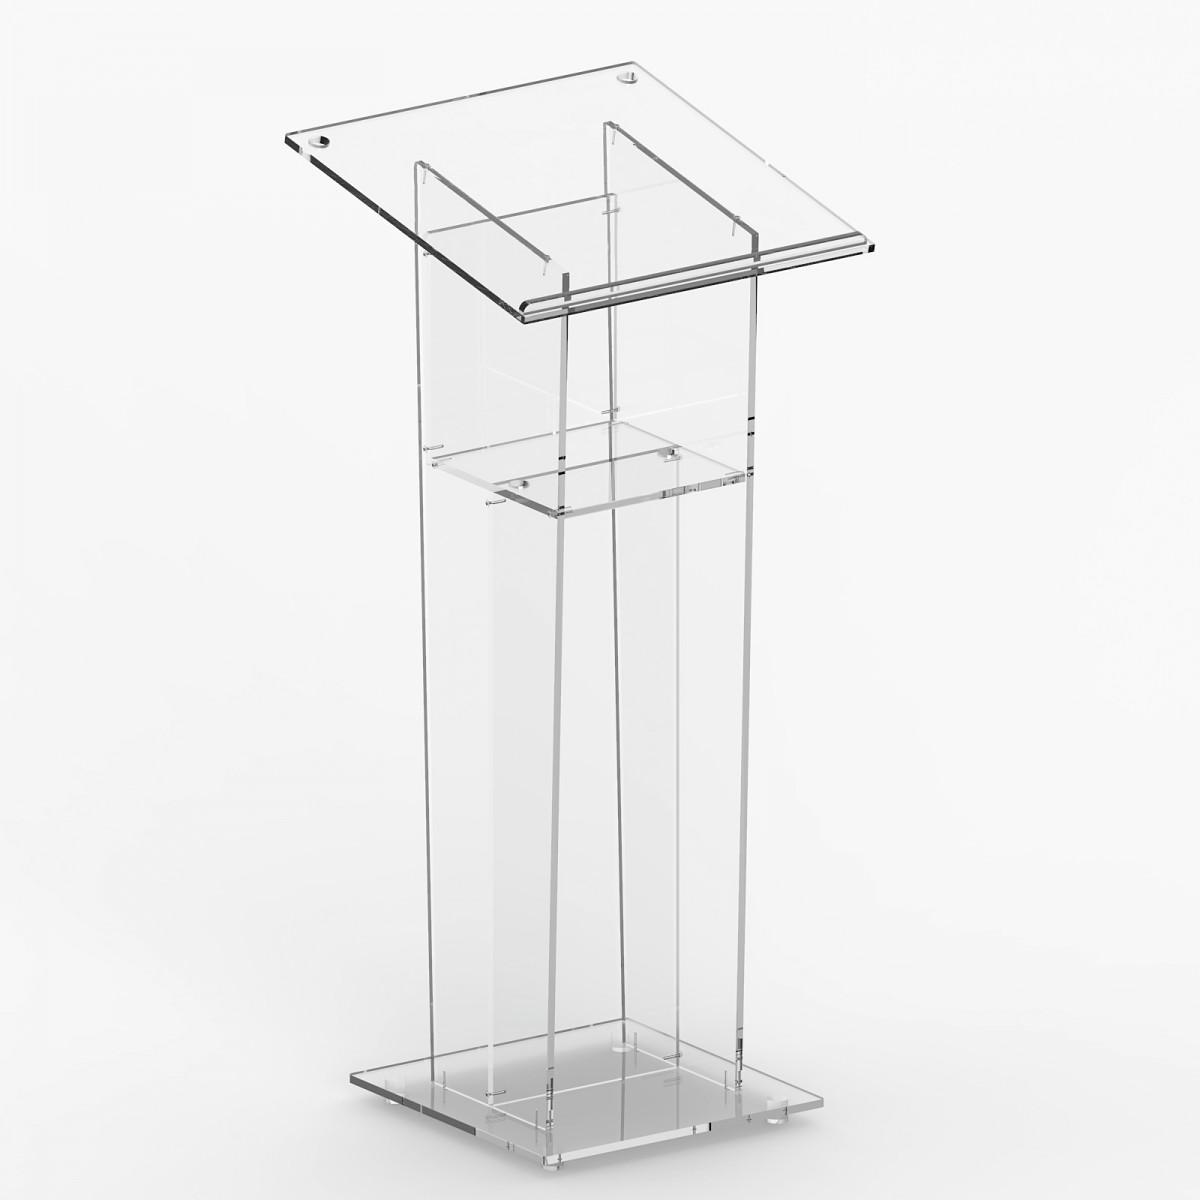 E-361 LEG - Leggio in plexiglass trasparente con piano inclinato